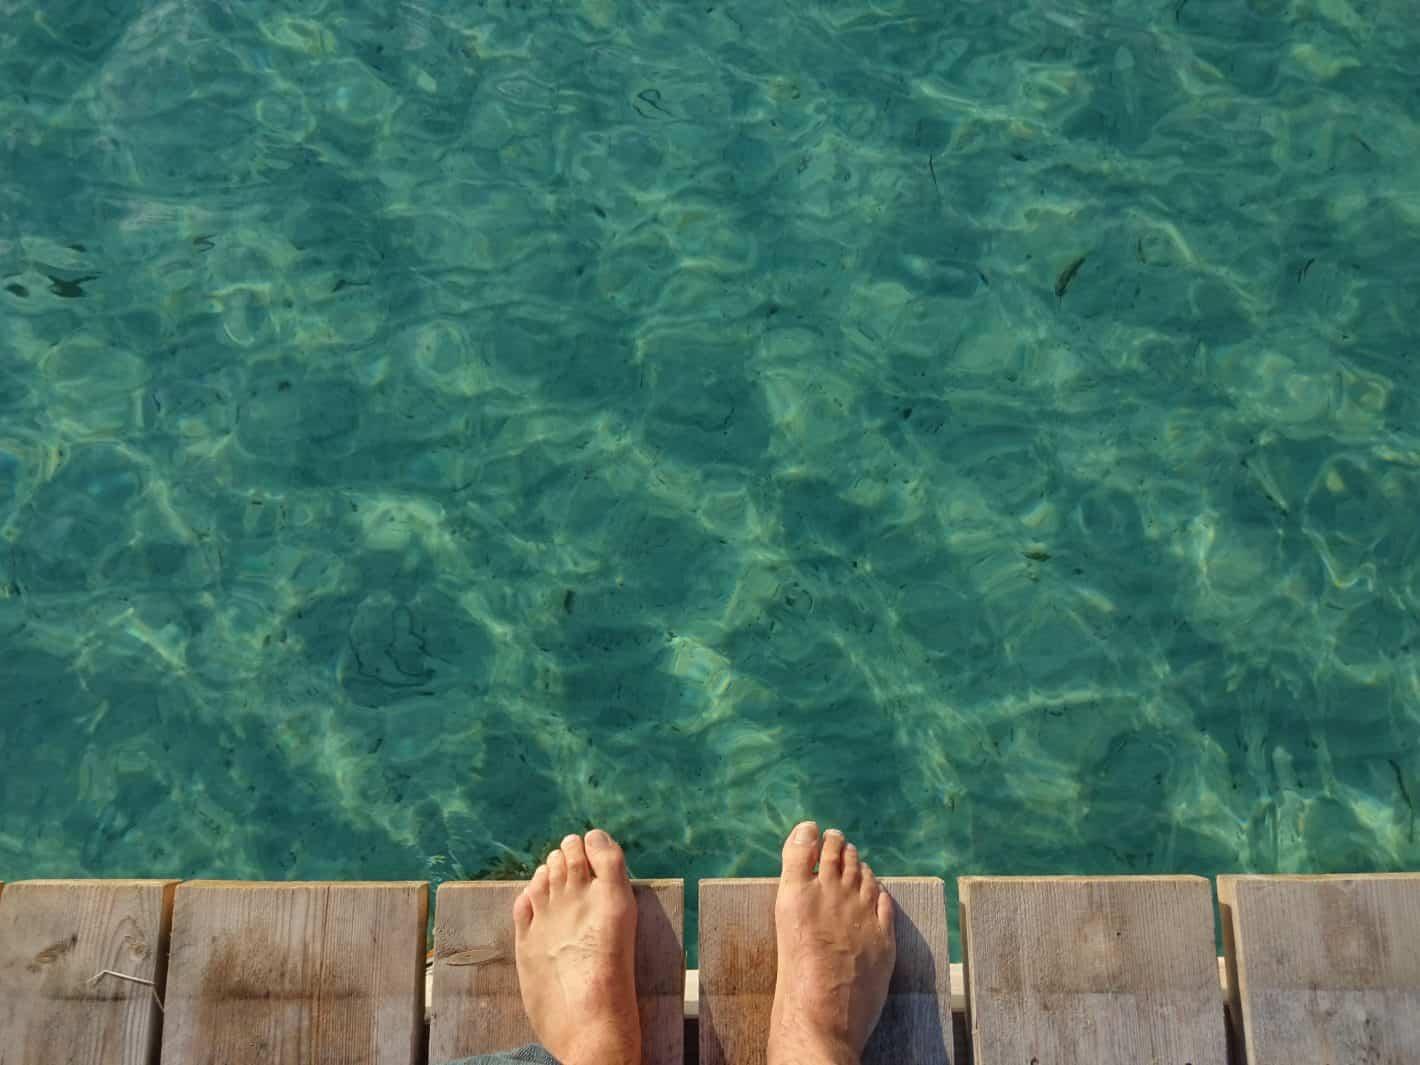 Nackte Füße auf einem Holzsteg über türkisen Mittelmeer